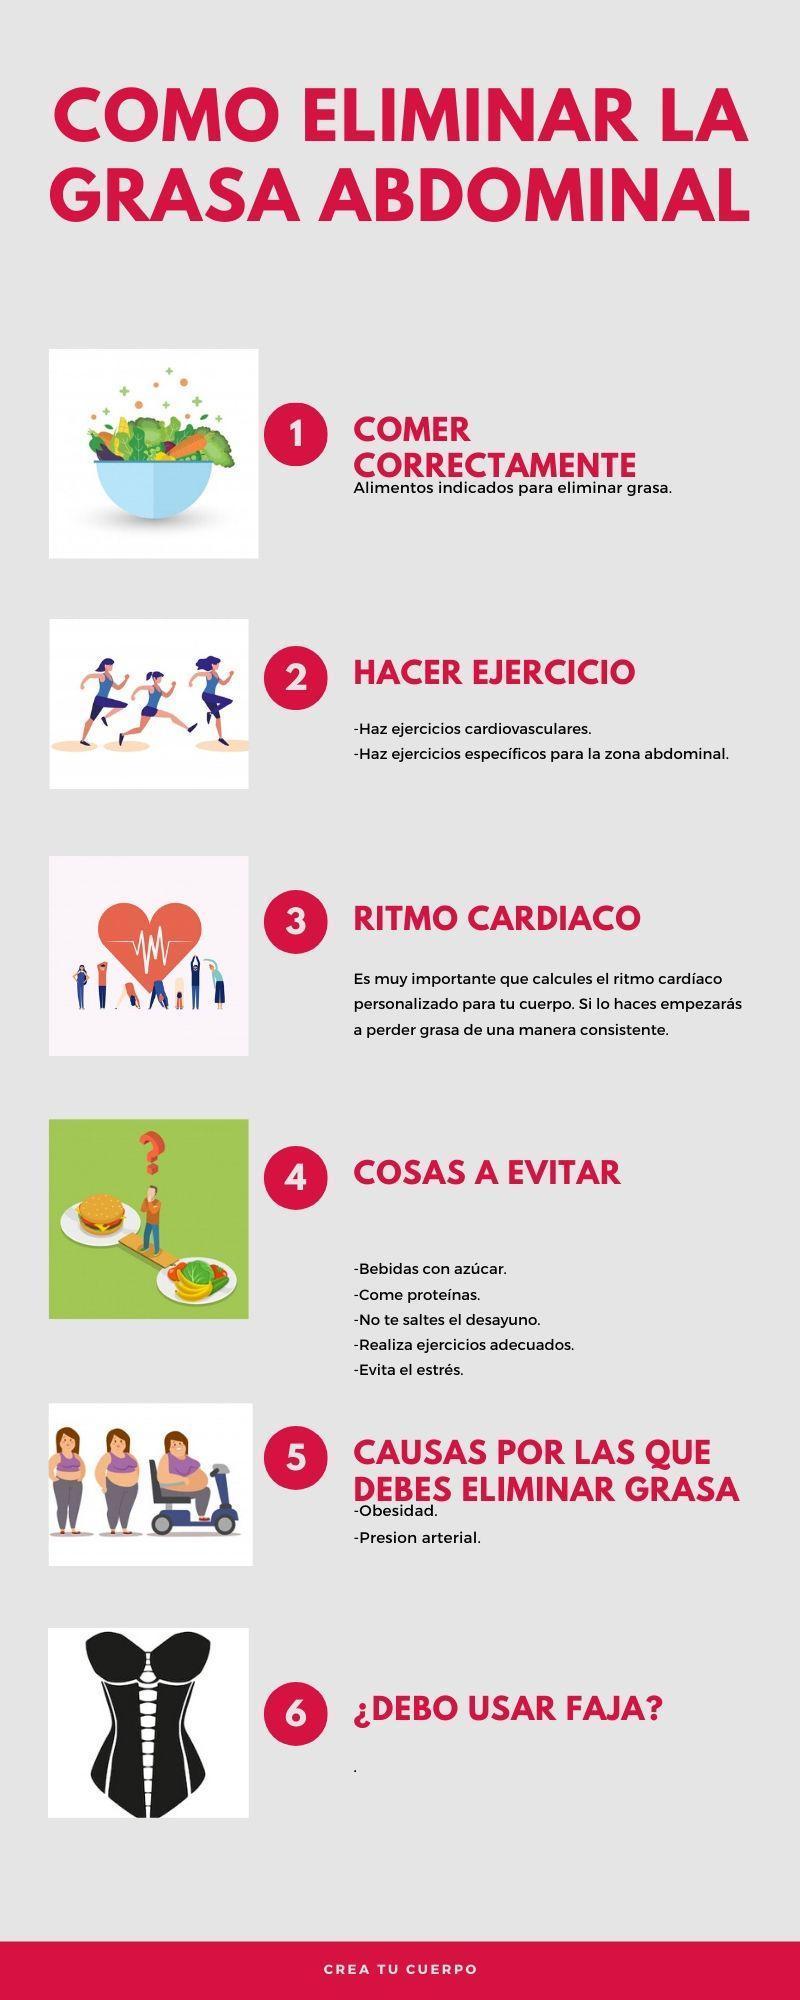 Infografia de como eliminar la grasa abdominal.